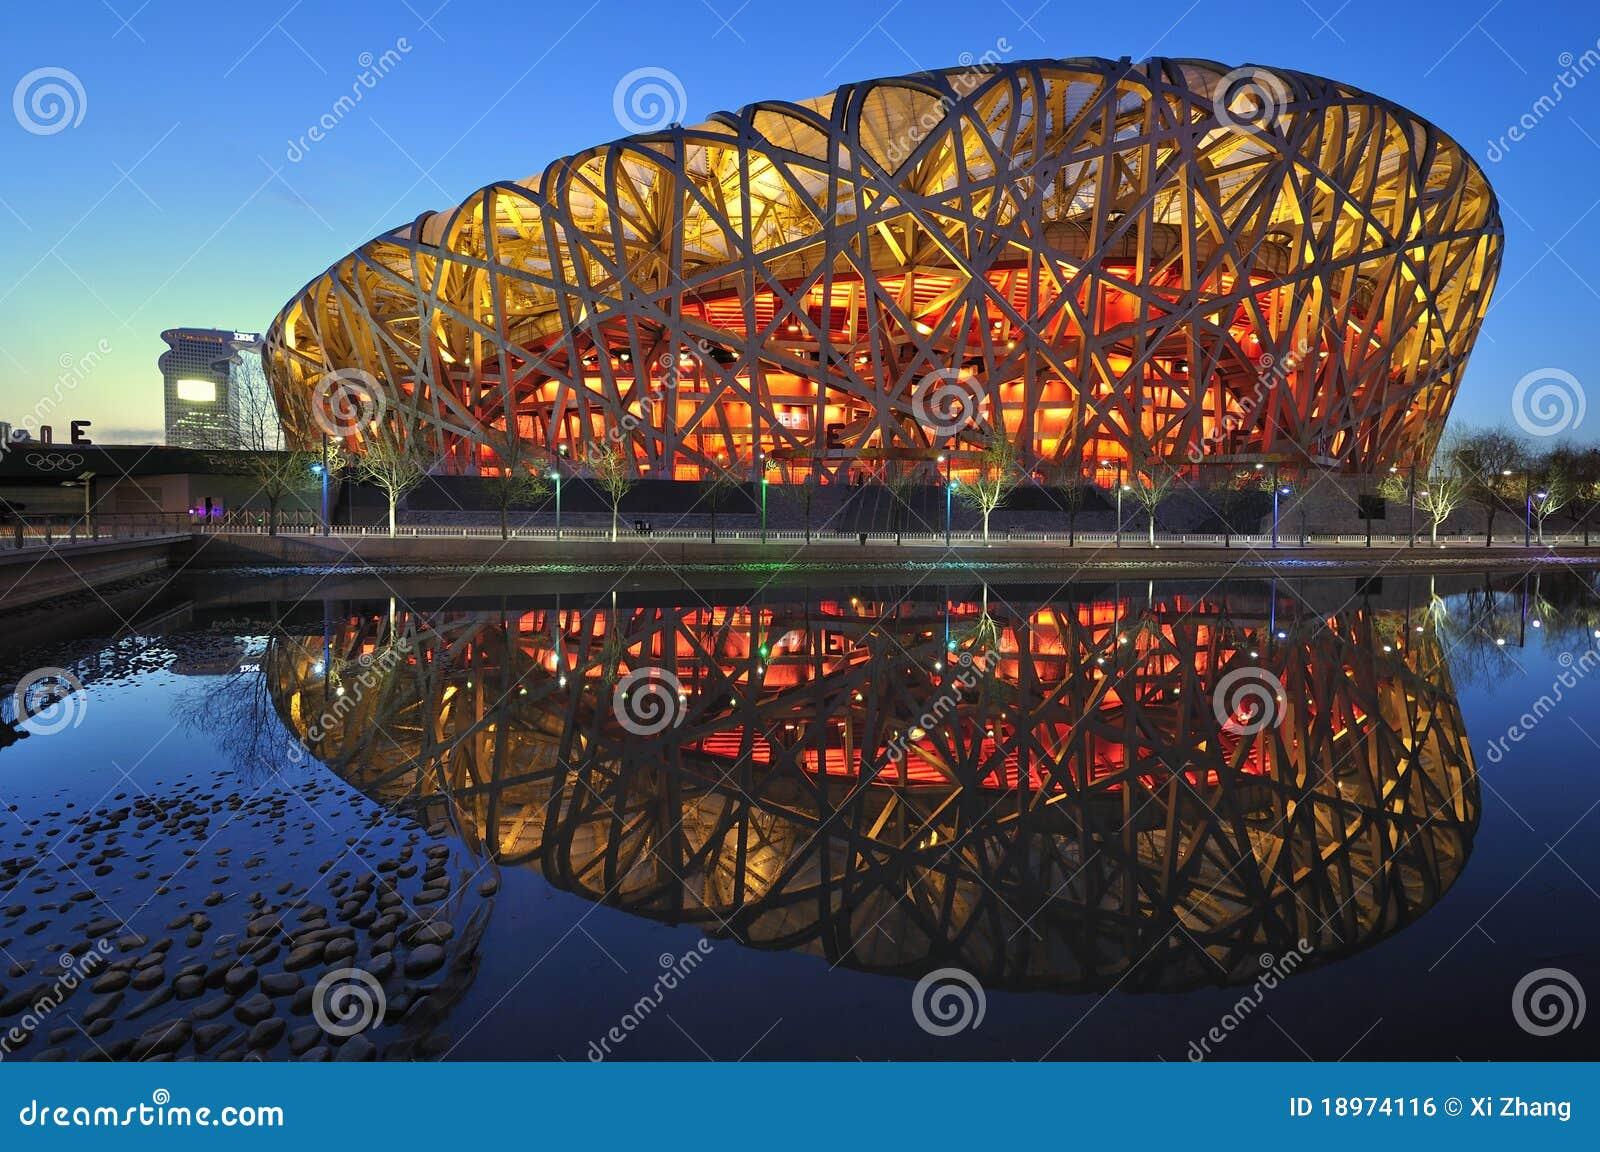 Beijing China National Stadium night scenes